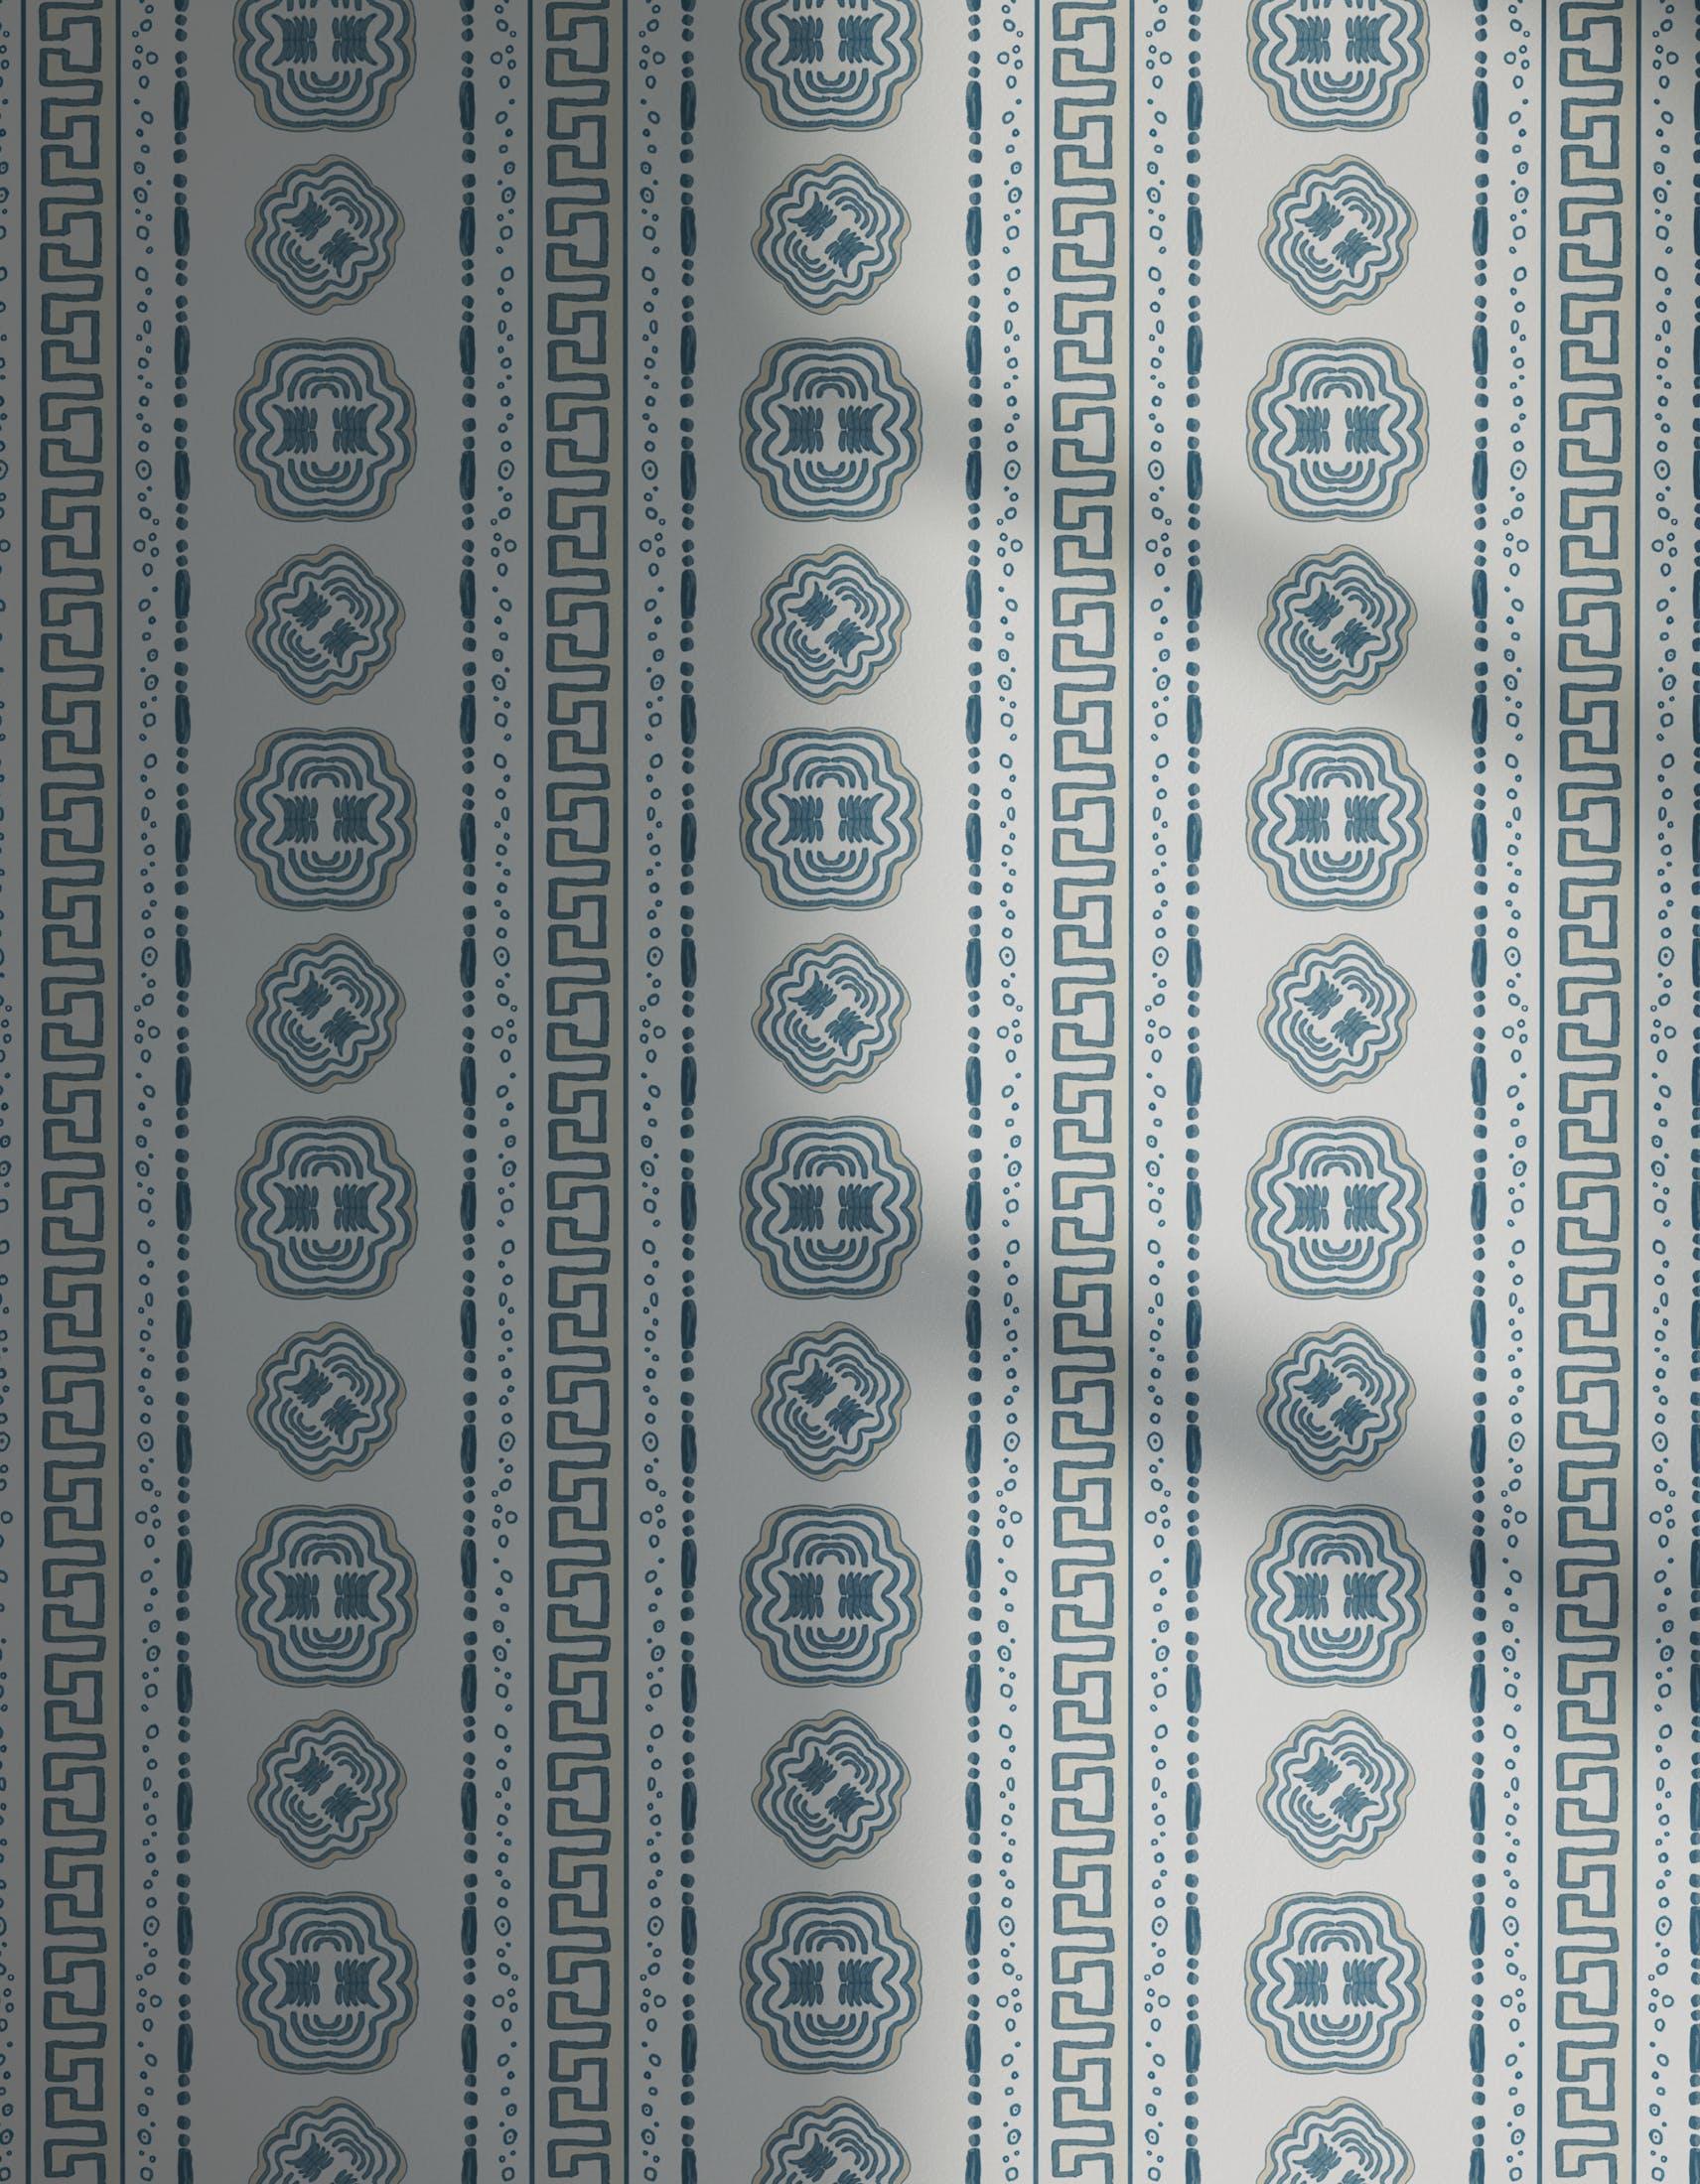 Lick x Lottie McDowell Hestia 01 greek patterned wallpaper with shadow